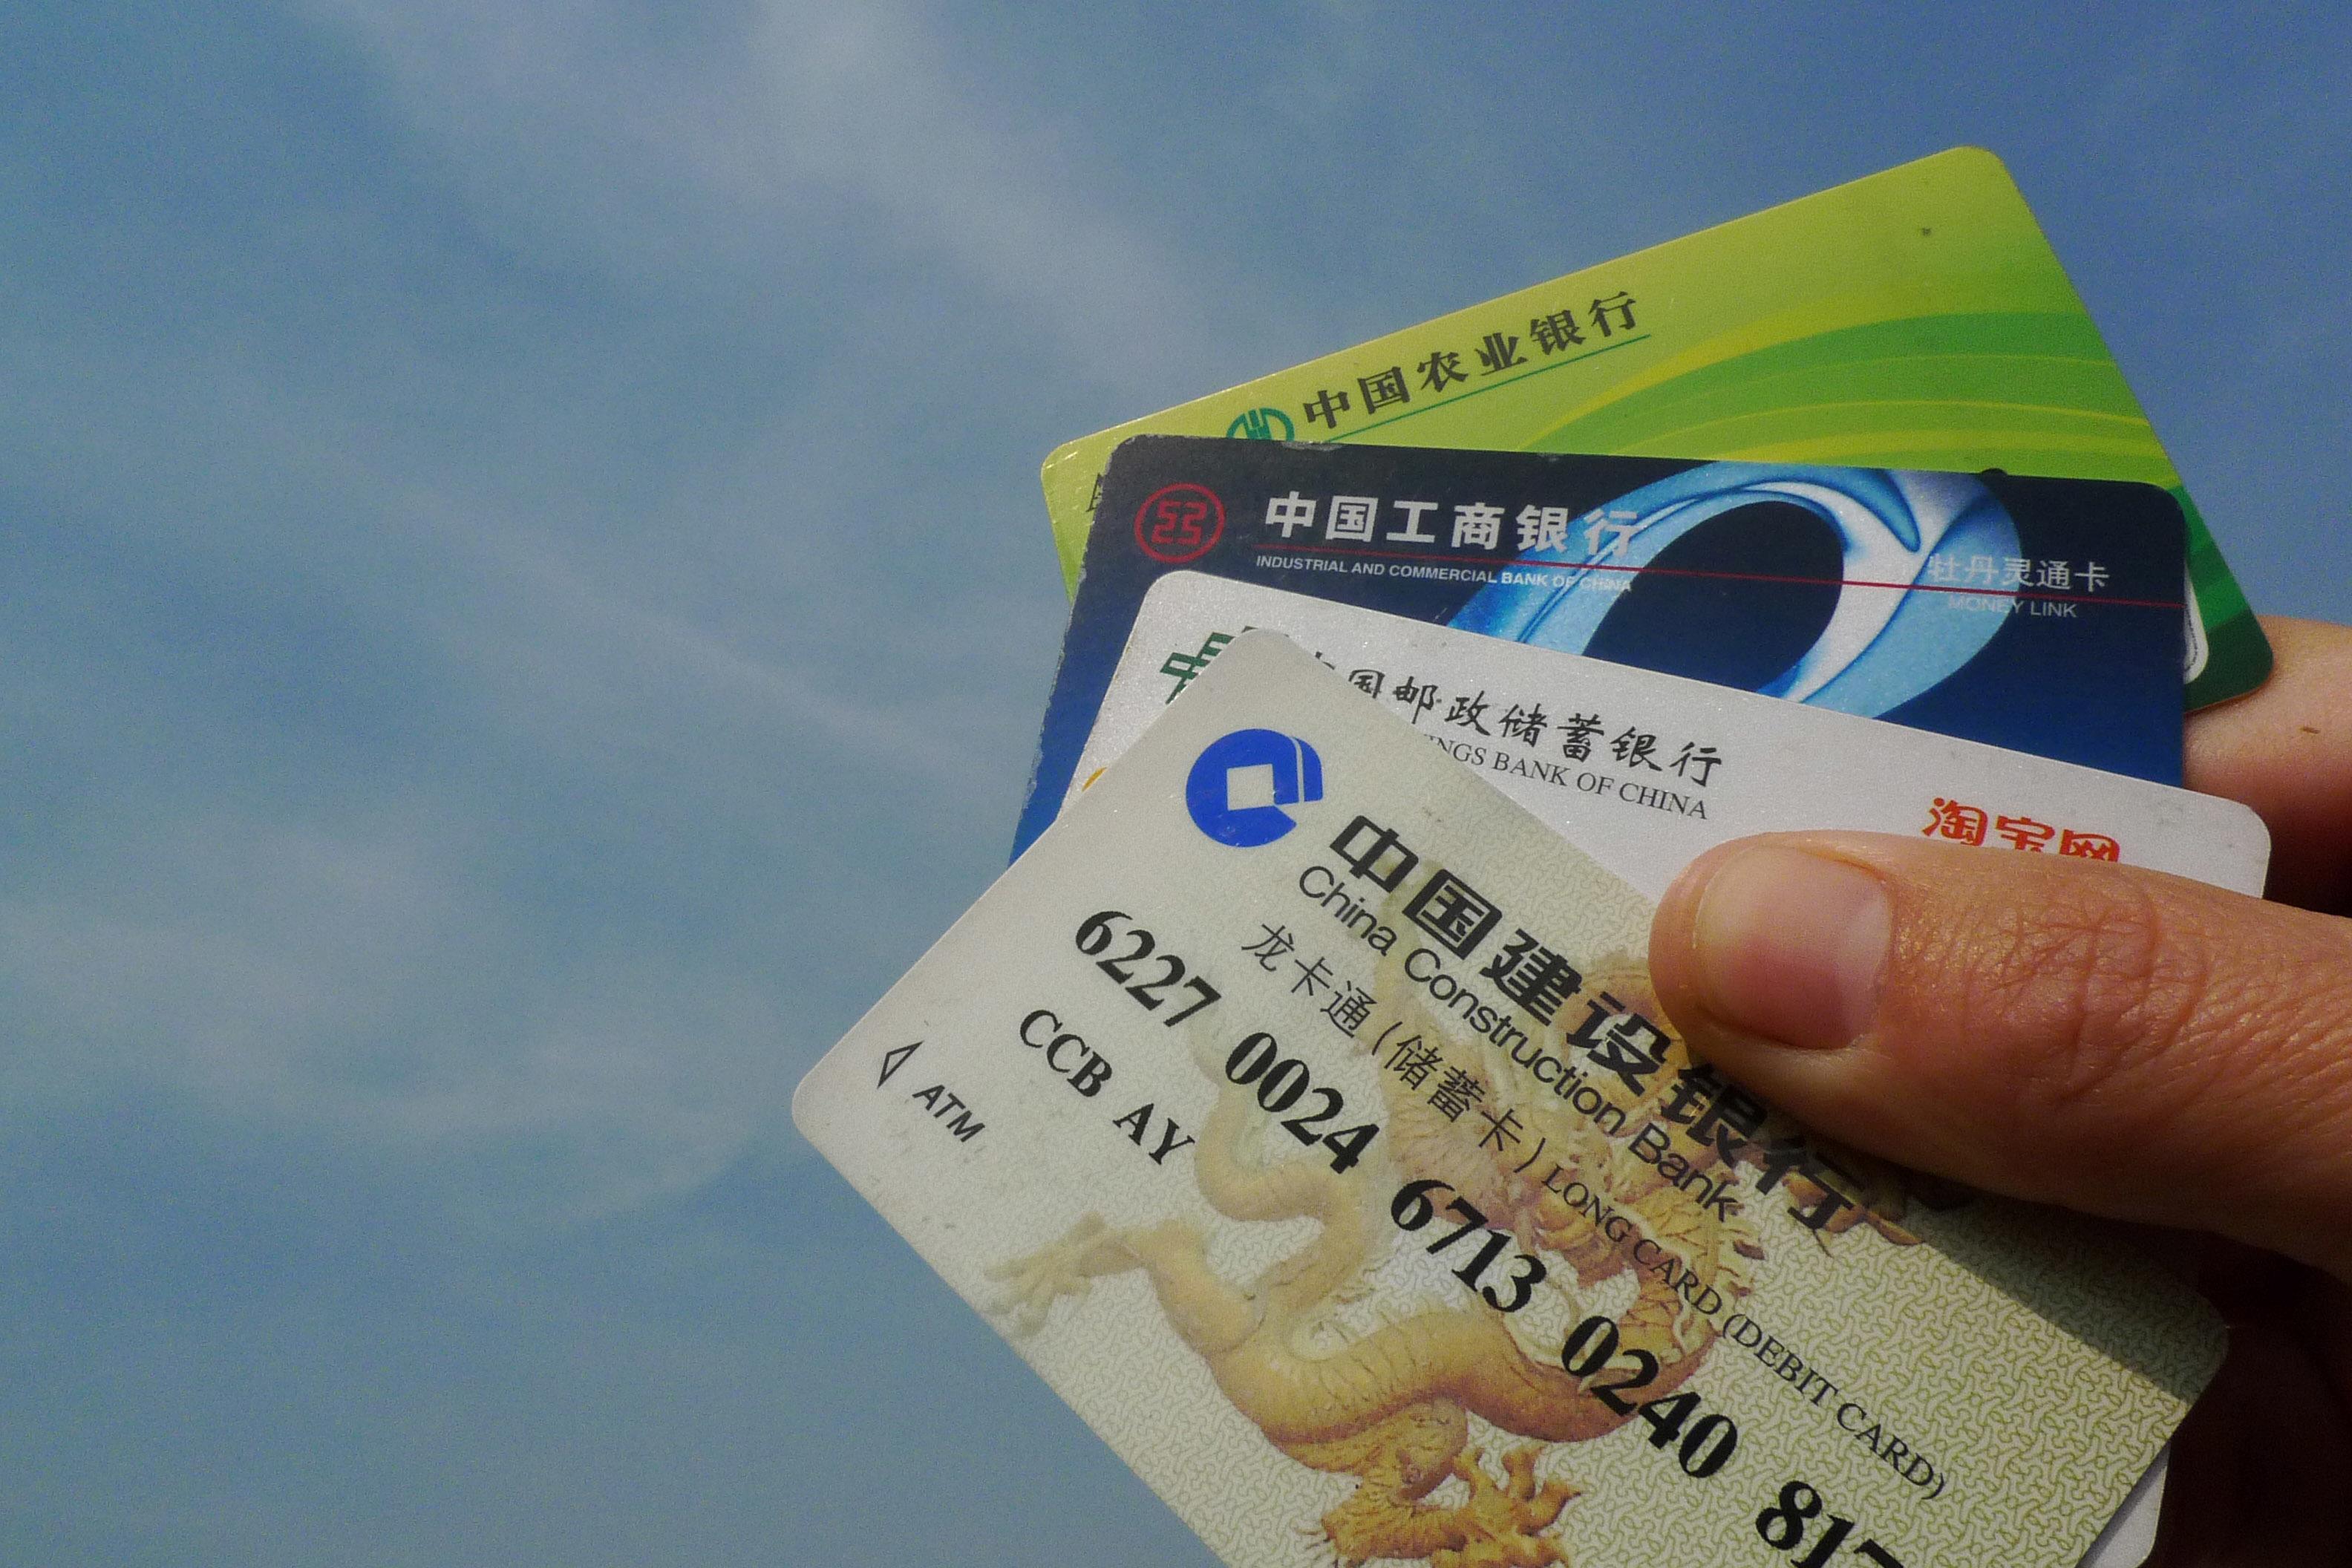 招行高端卡的最全玩法,下卡、选卡、权益、提额都有了!